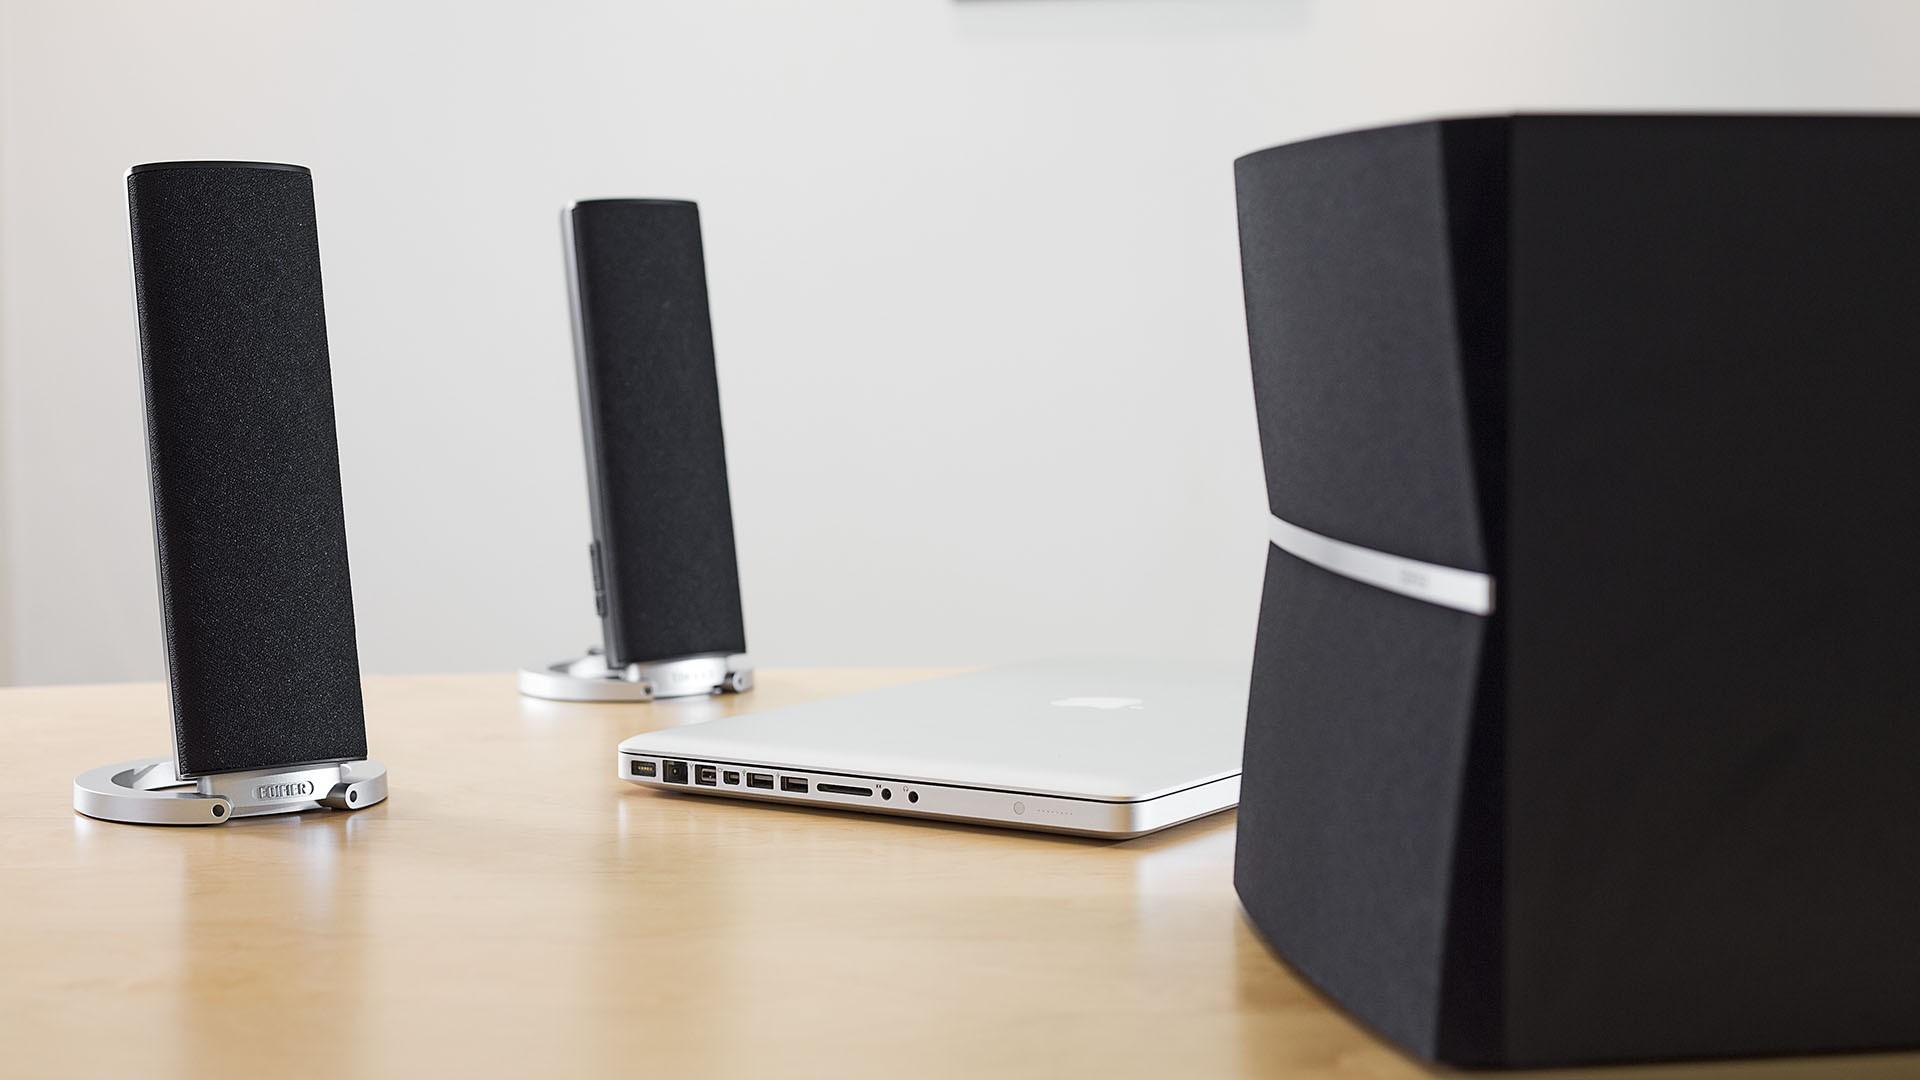 Loa Bluetooth Edifier M3280 âm thanh 2.1 cải tiến